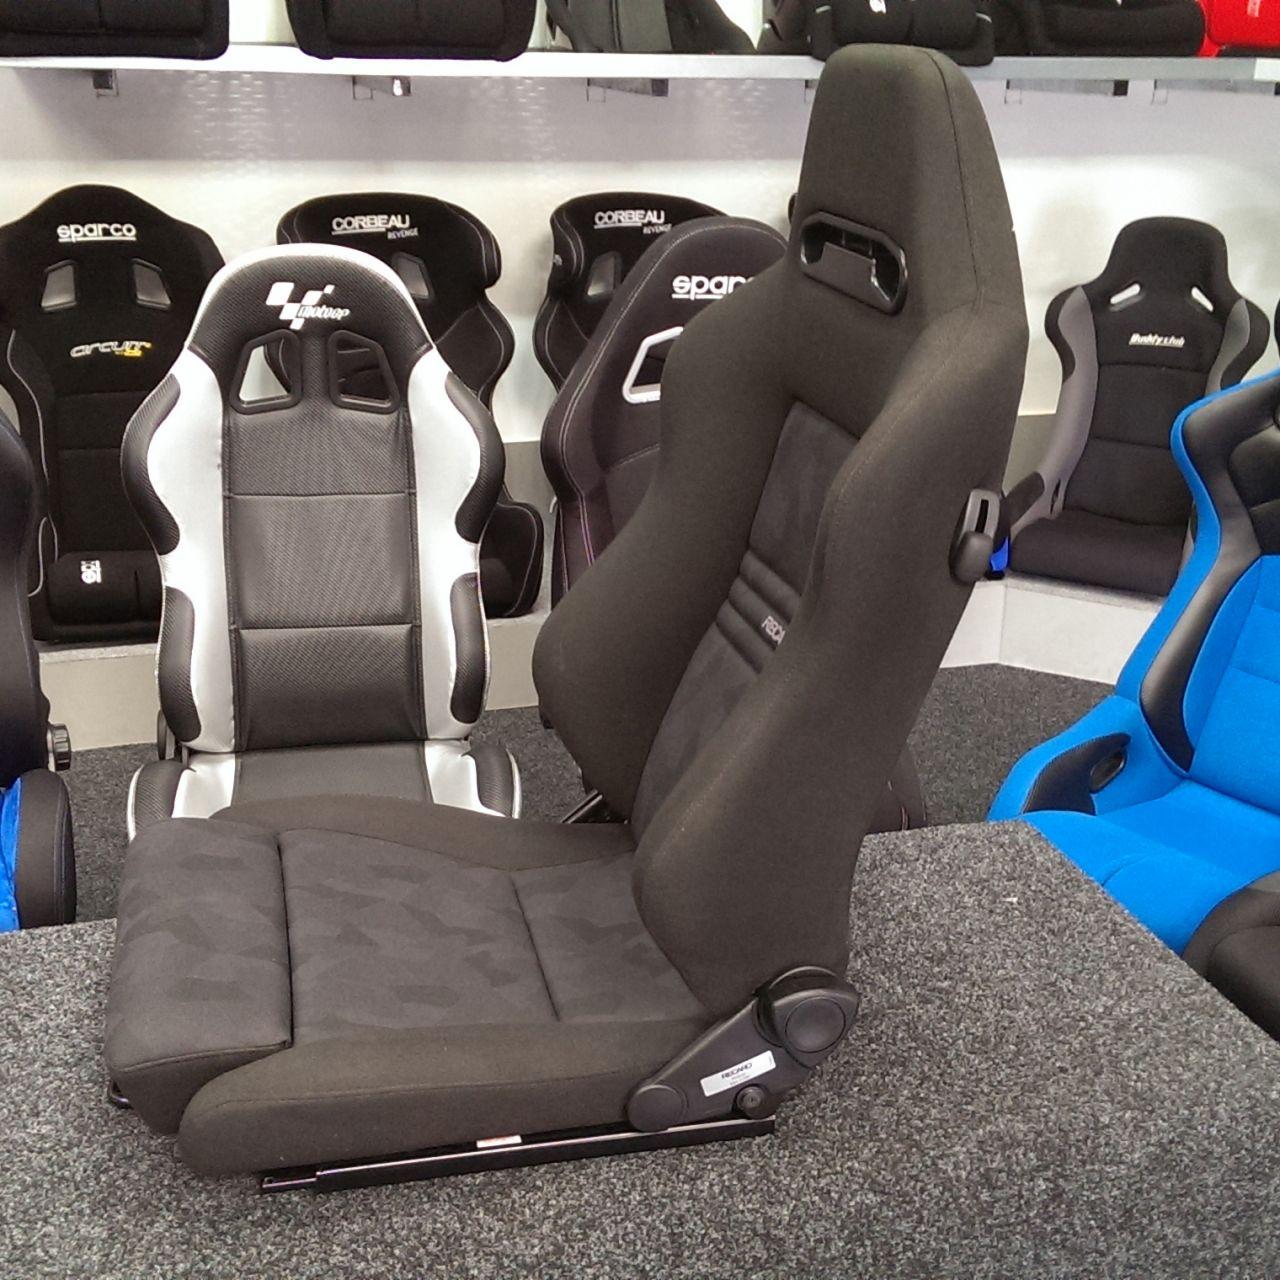 Recaro Car Seat Reviews